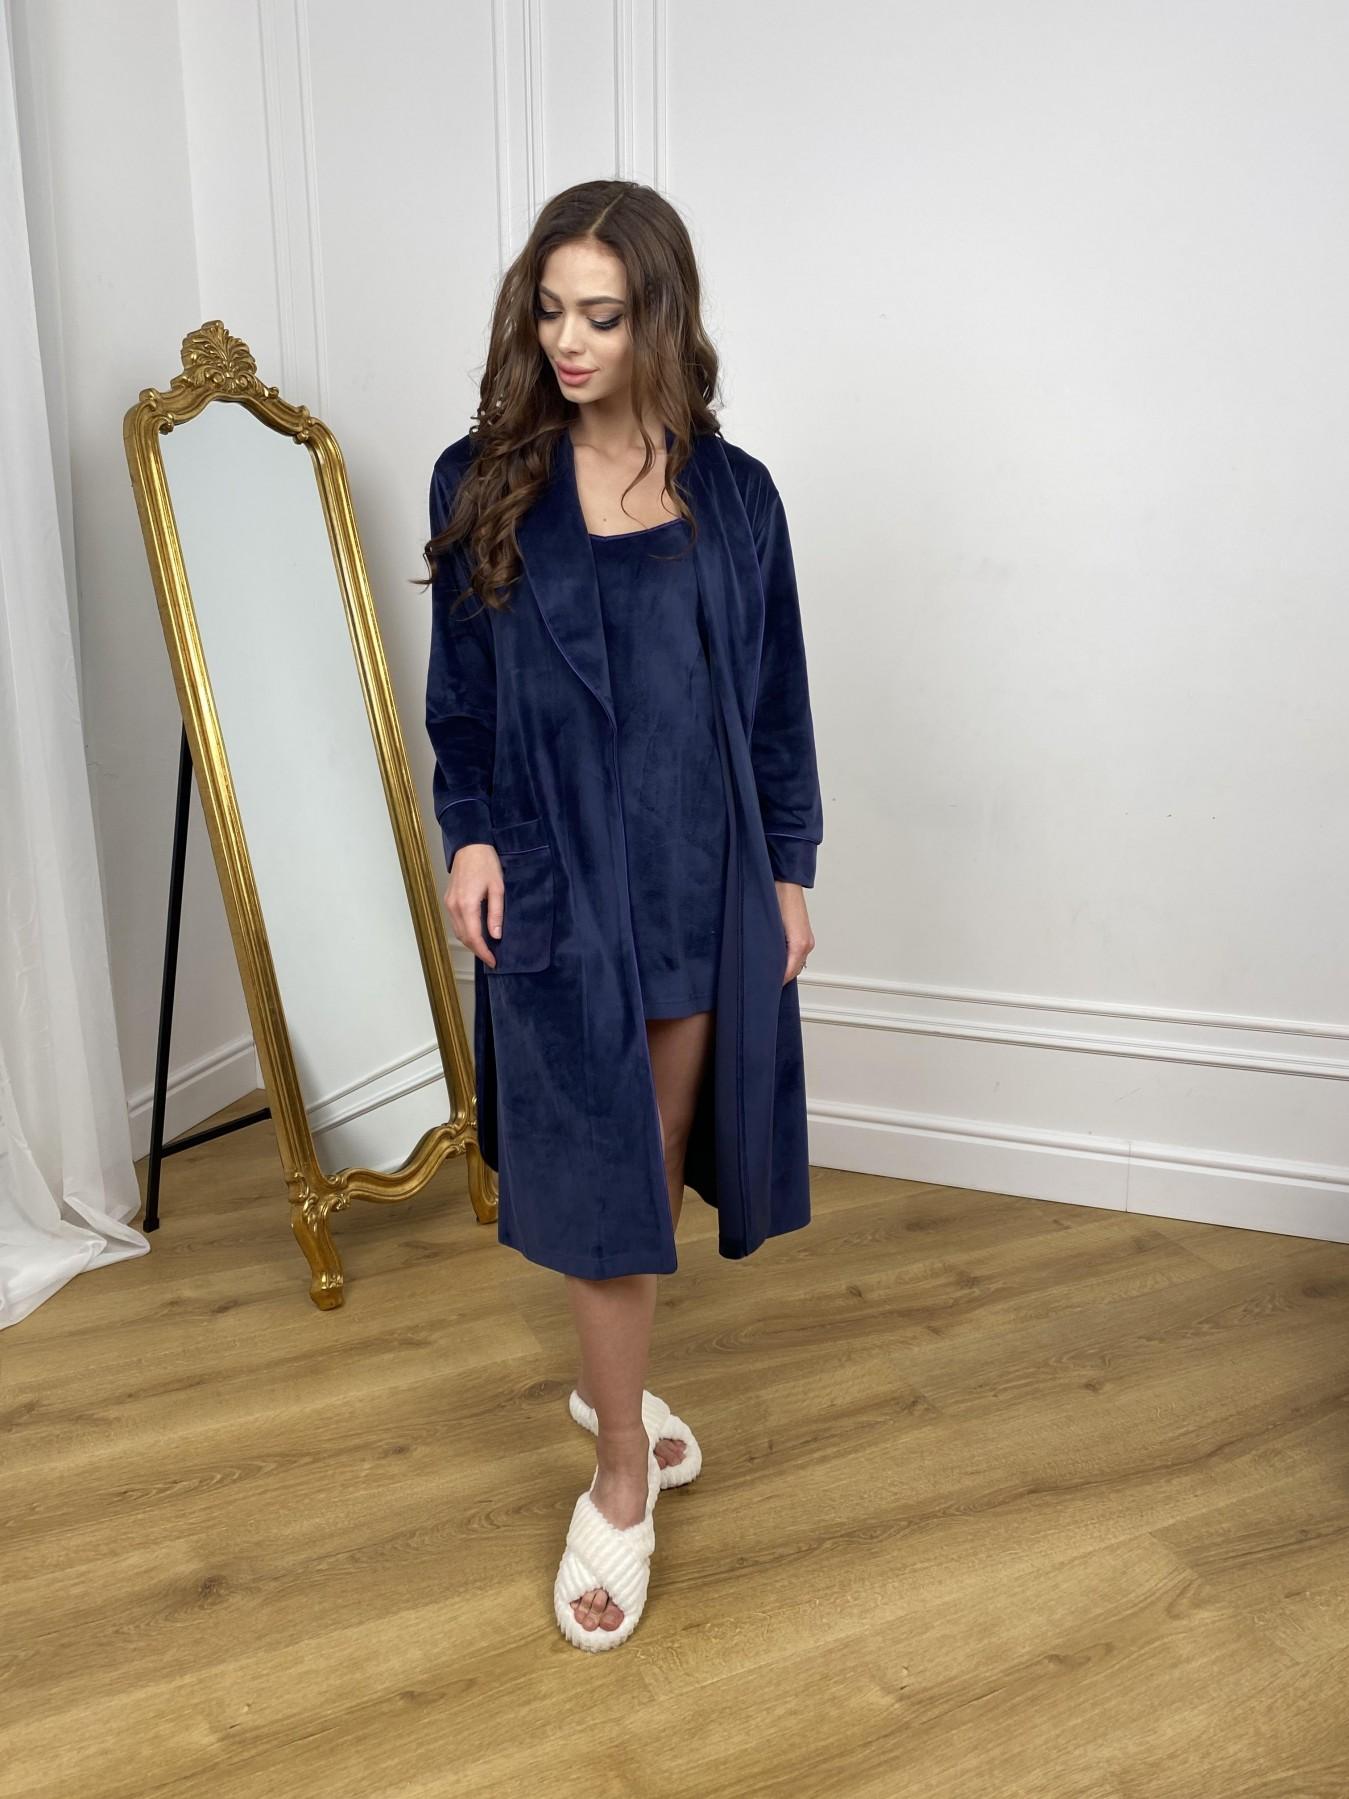 Сандрин миди халат из велюровой ткани 10510 АРТ. 46849 Цвет: т. синий - фото 3, интернет магазин tm-modus.ru